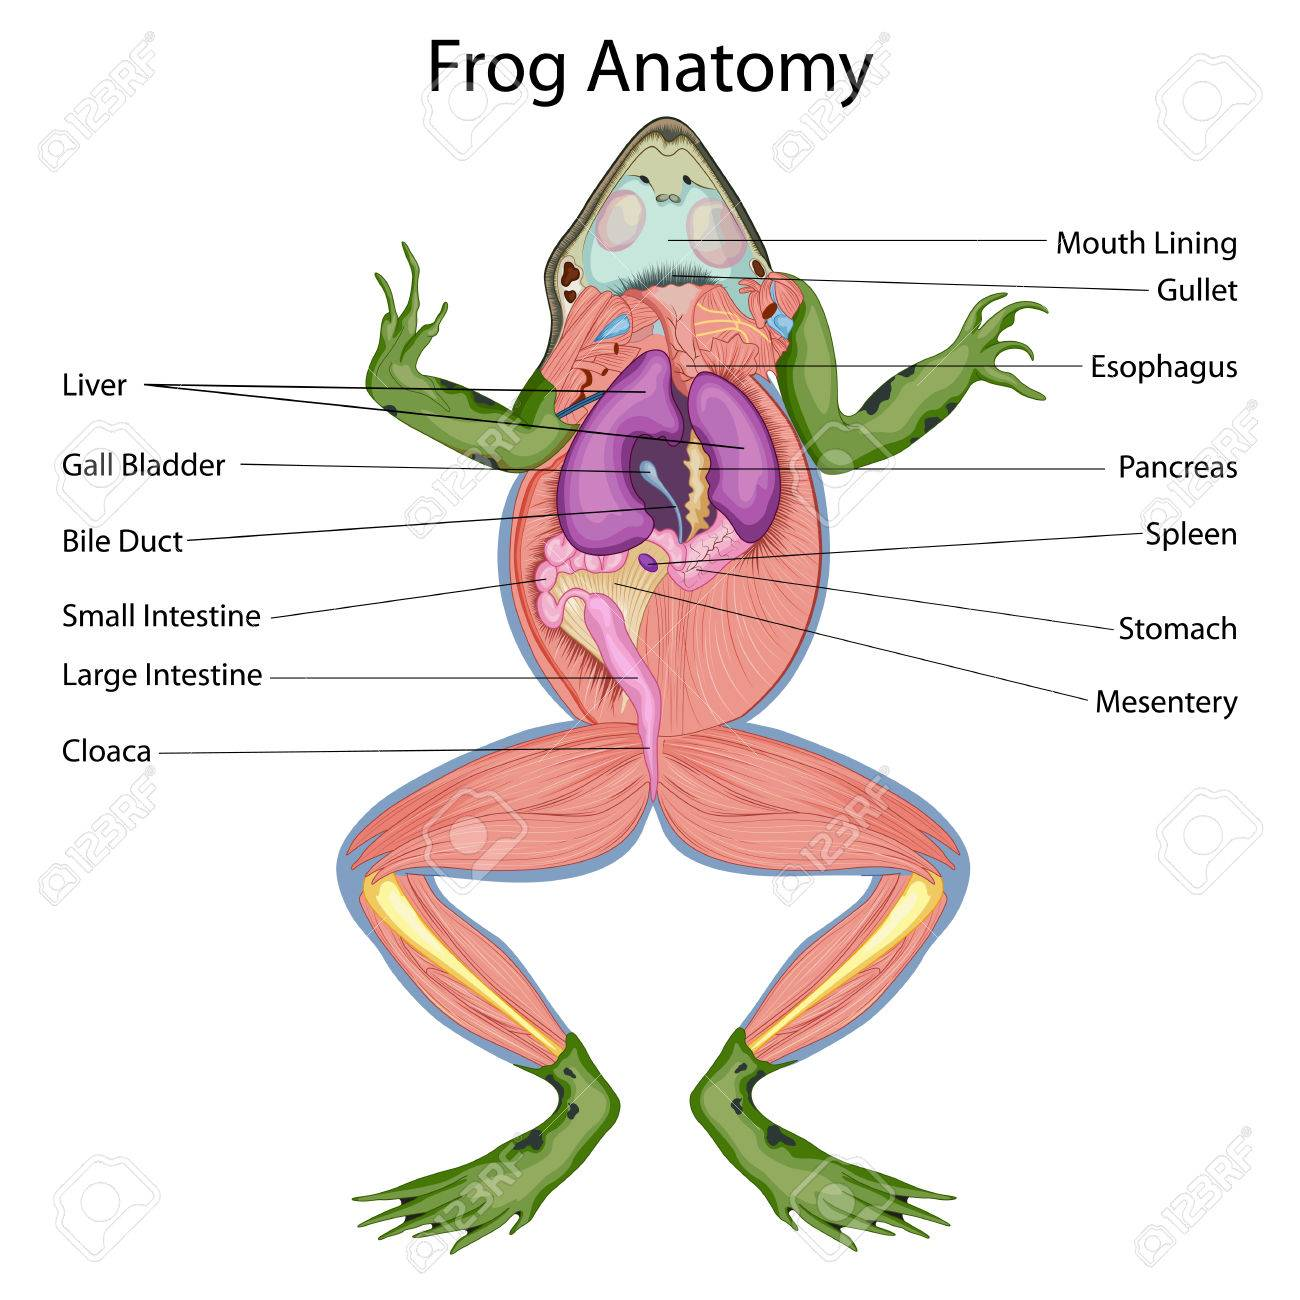 Wunderbar Frosch Anatomie Diagramm Galerie - Anatomie Ideen ...